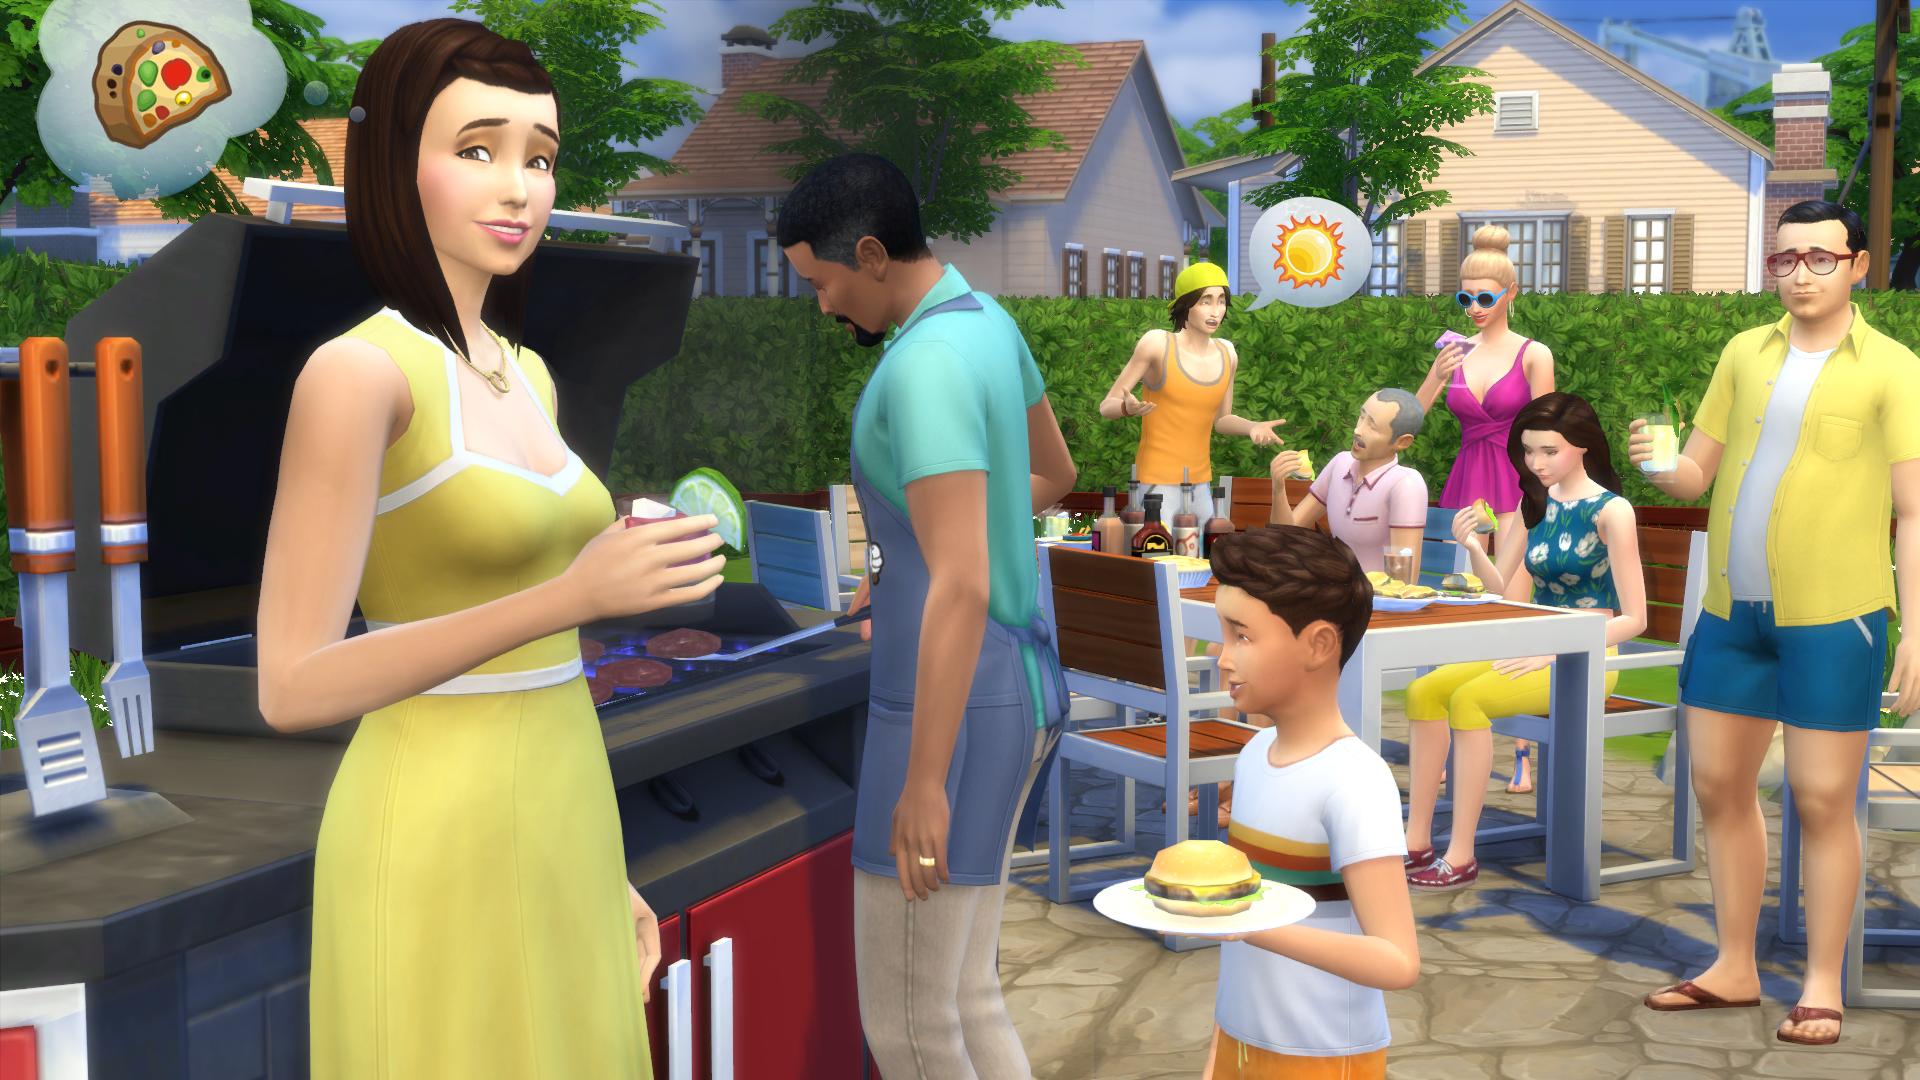 Симс 4 онлайн 18, sims 3 новые игры, симс 4 жизнь в городе торрент бесплатно, sims 4 по сети можно играть